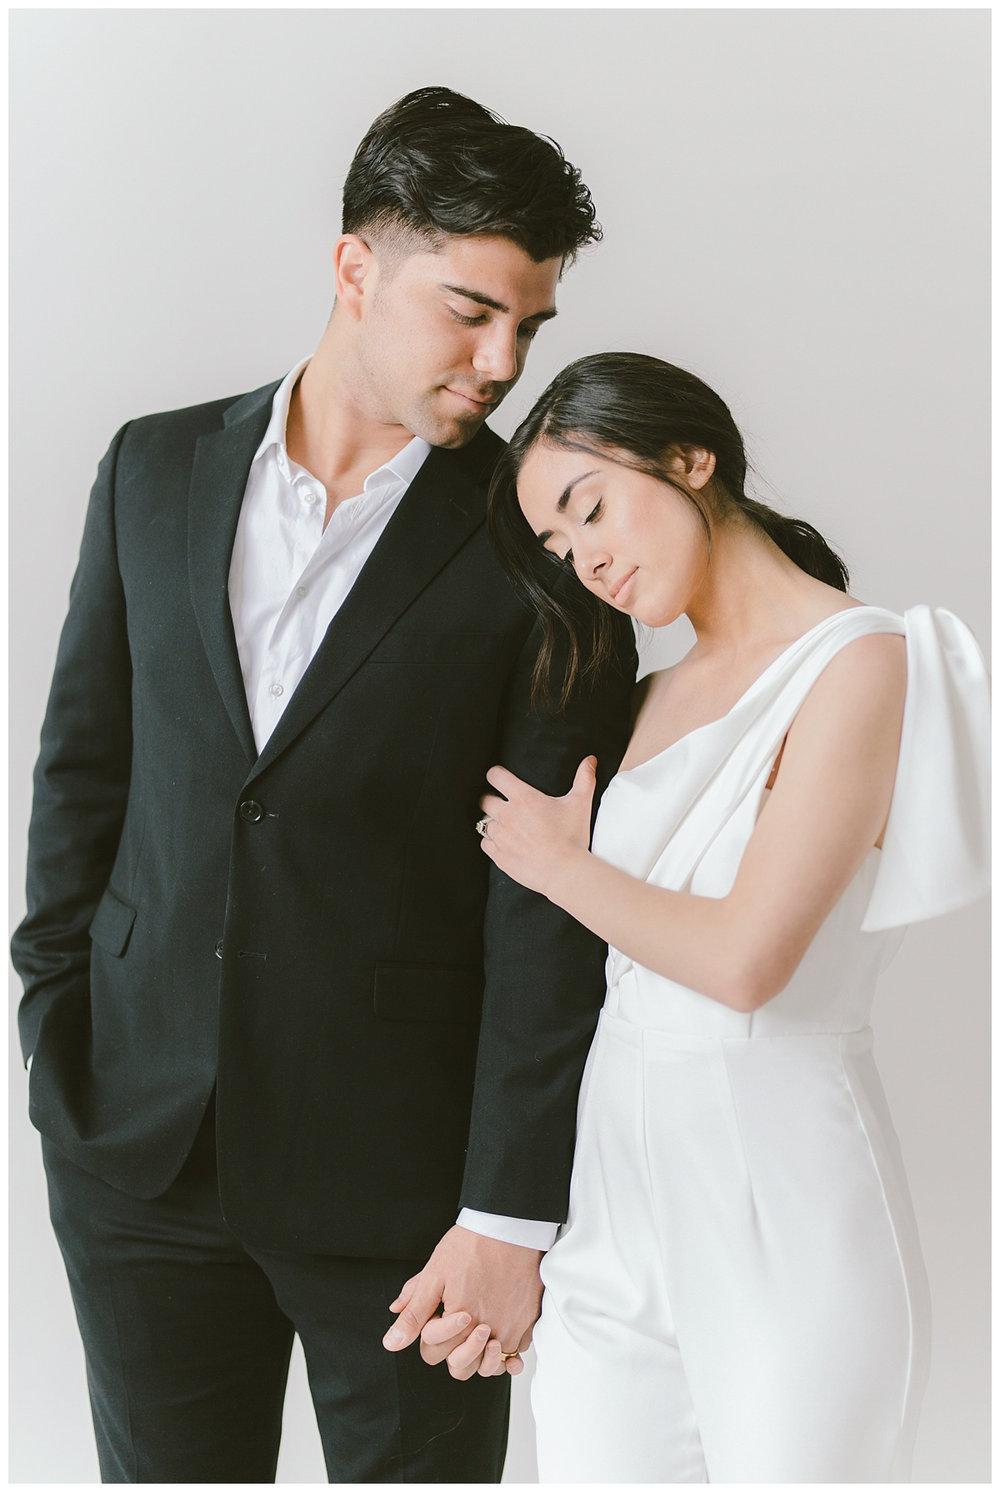 Hong Kong Fine Art Wedding Prewedding Photographer Mattie C. 00047.jpg